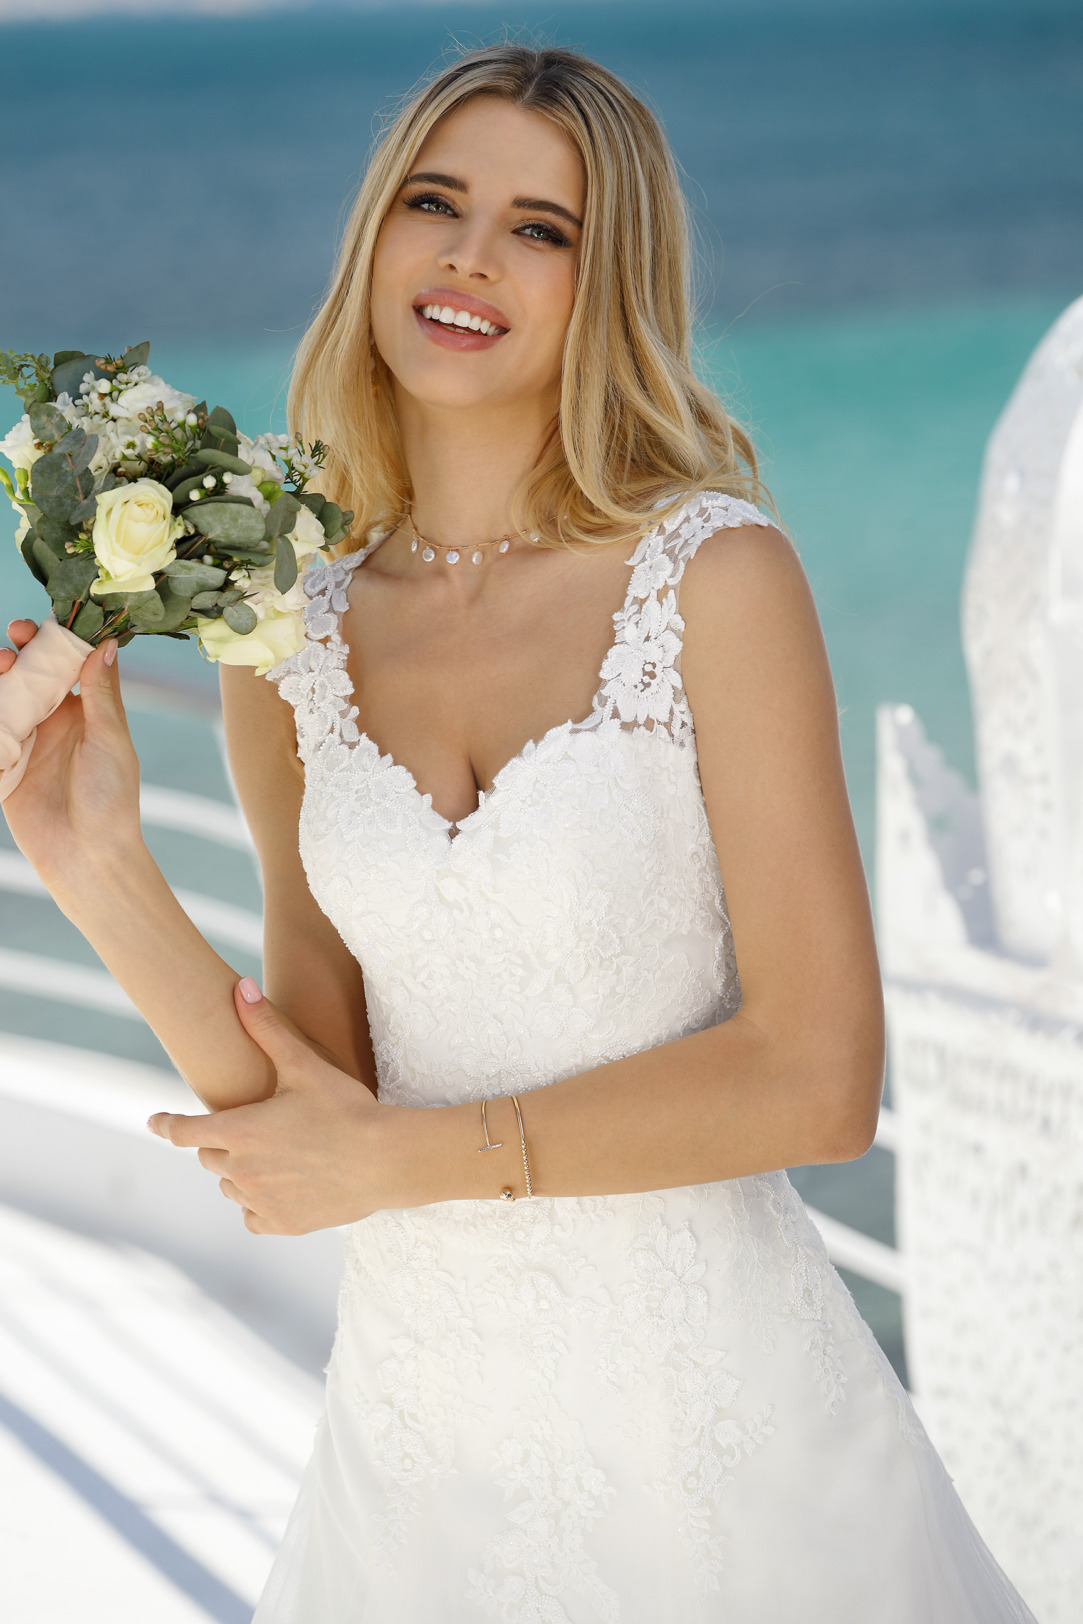 Detailansicht Hochzeitskleid in klassischer A Linie von Ladybird Modell 421045. Brautkleid in A-Linie mit tiefem V-Ausschnitt und breiten Trägern. Hochzeitskleid mit feiner Spitze am Oberteil und einem leichten Softtüll Rock